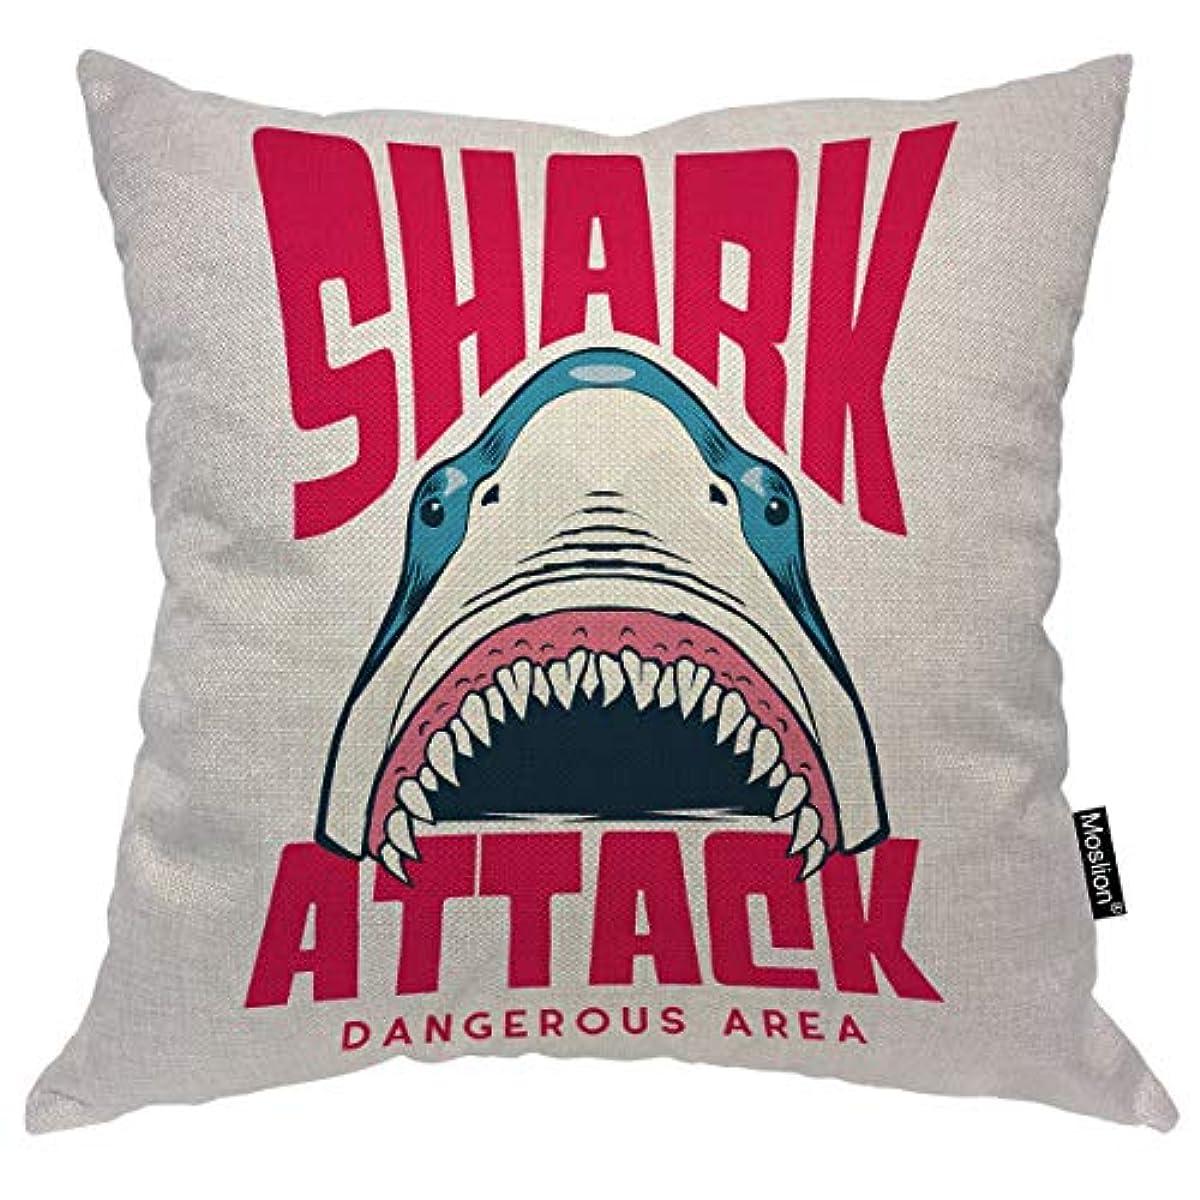 112d738261d7 Moslion shark pillows decorative pillow case cute ocean animal fish sharks  with jpg 1200x1200 Shark pillows